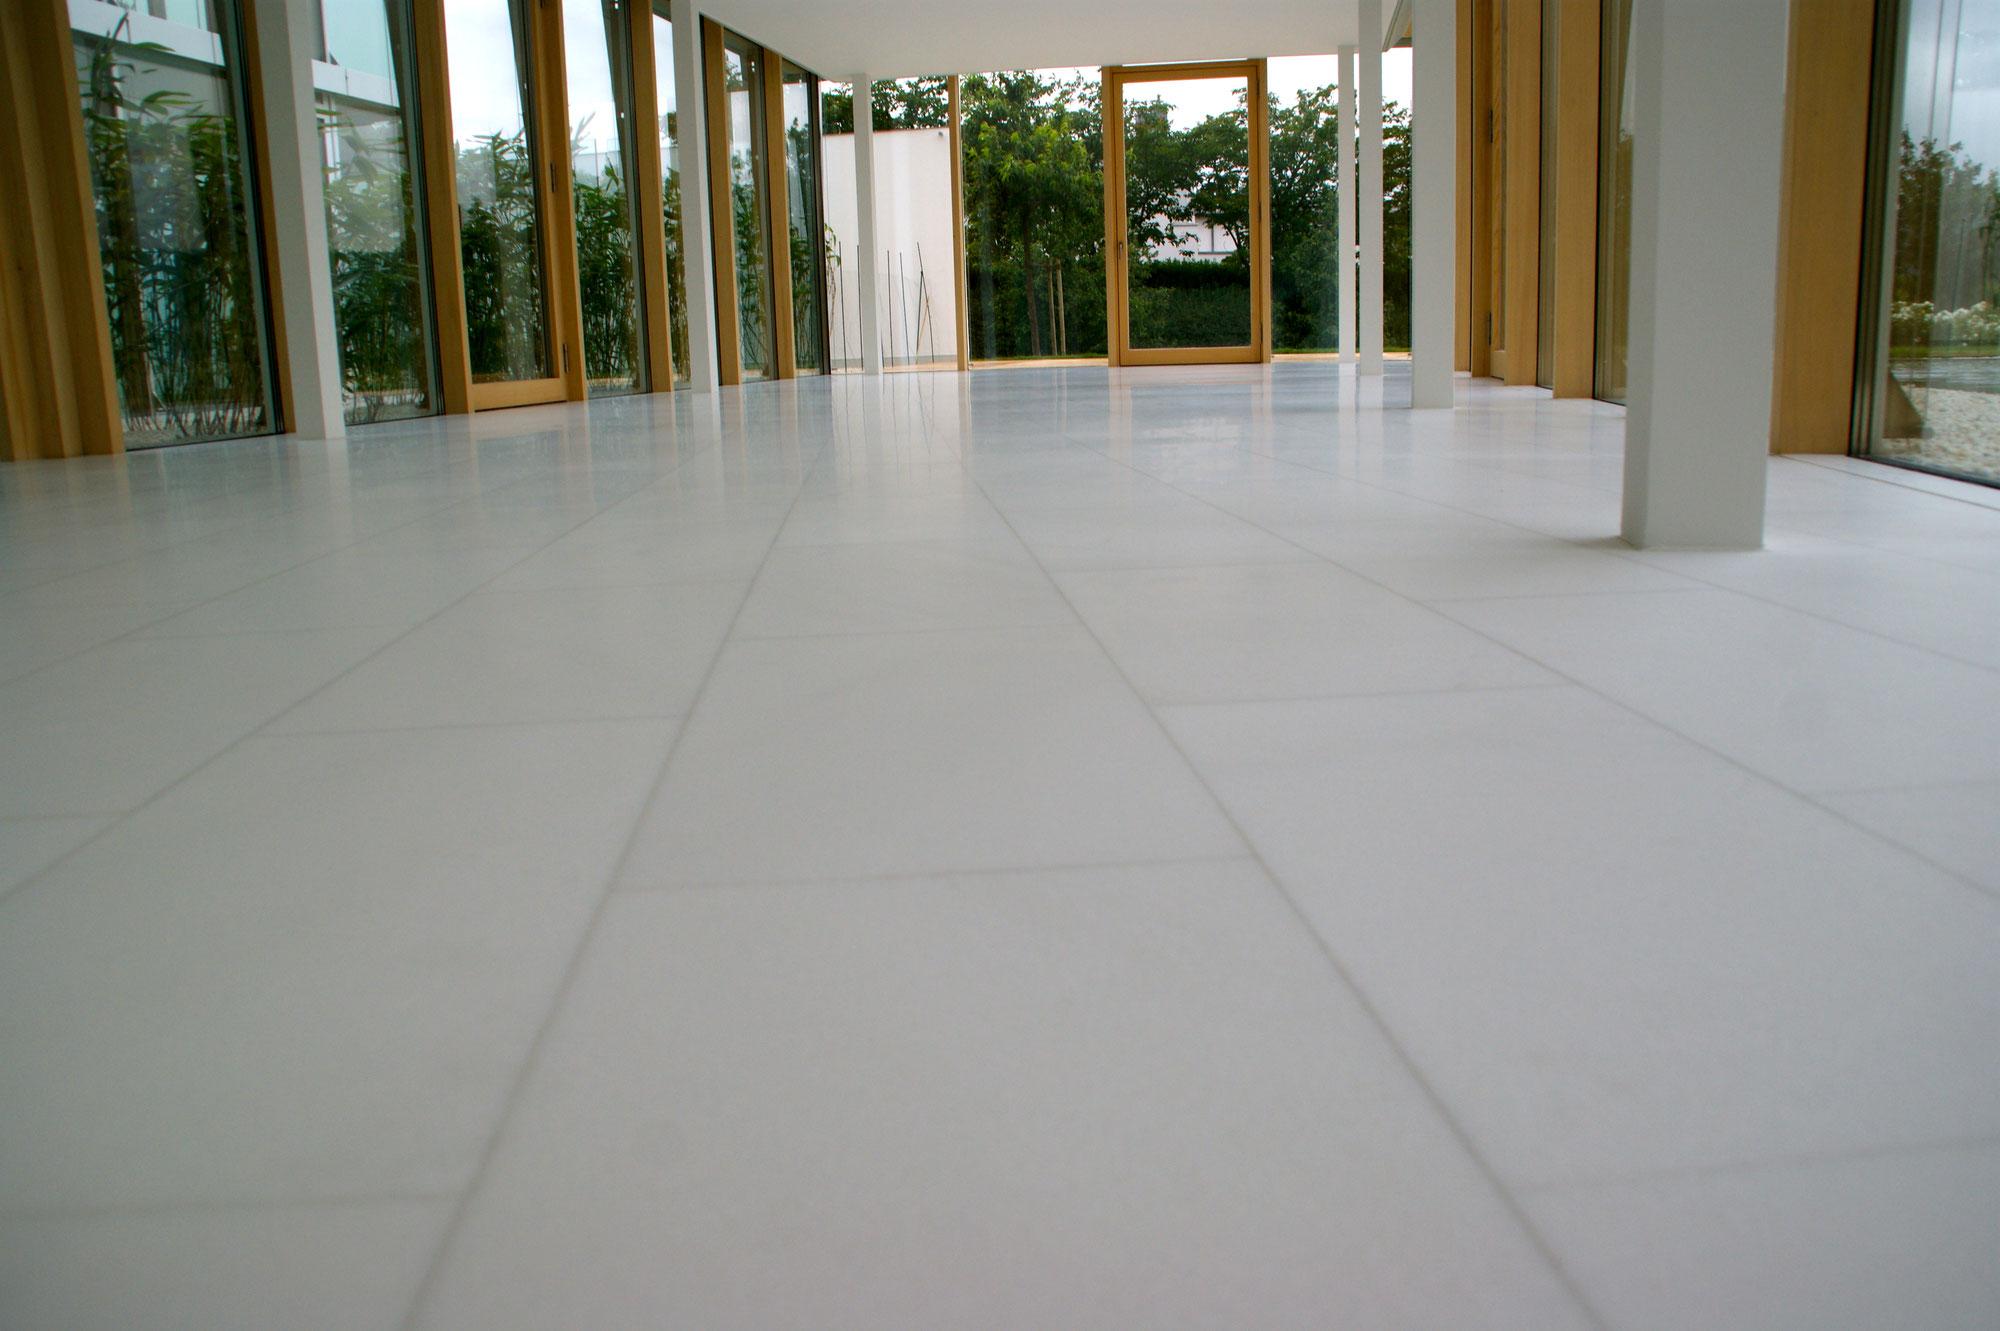 j dische trauerhalle terrazzo geschliffen und poliert marmor schleifen marmor schleifen. Black Bedroom Furniture Sets. Home Design Ideas